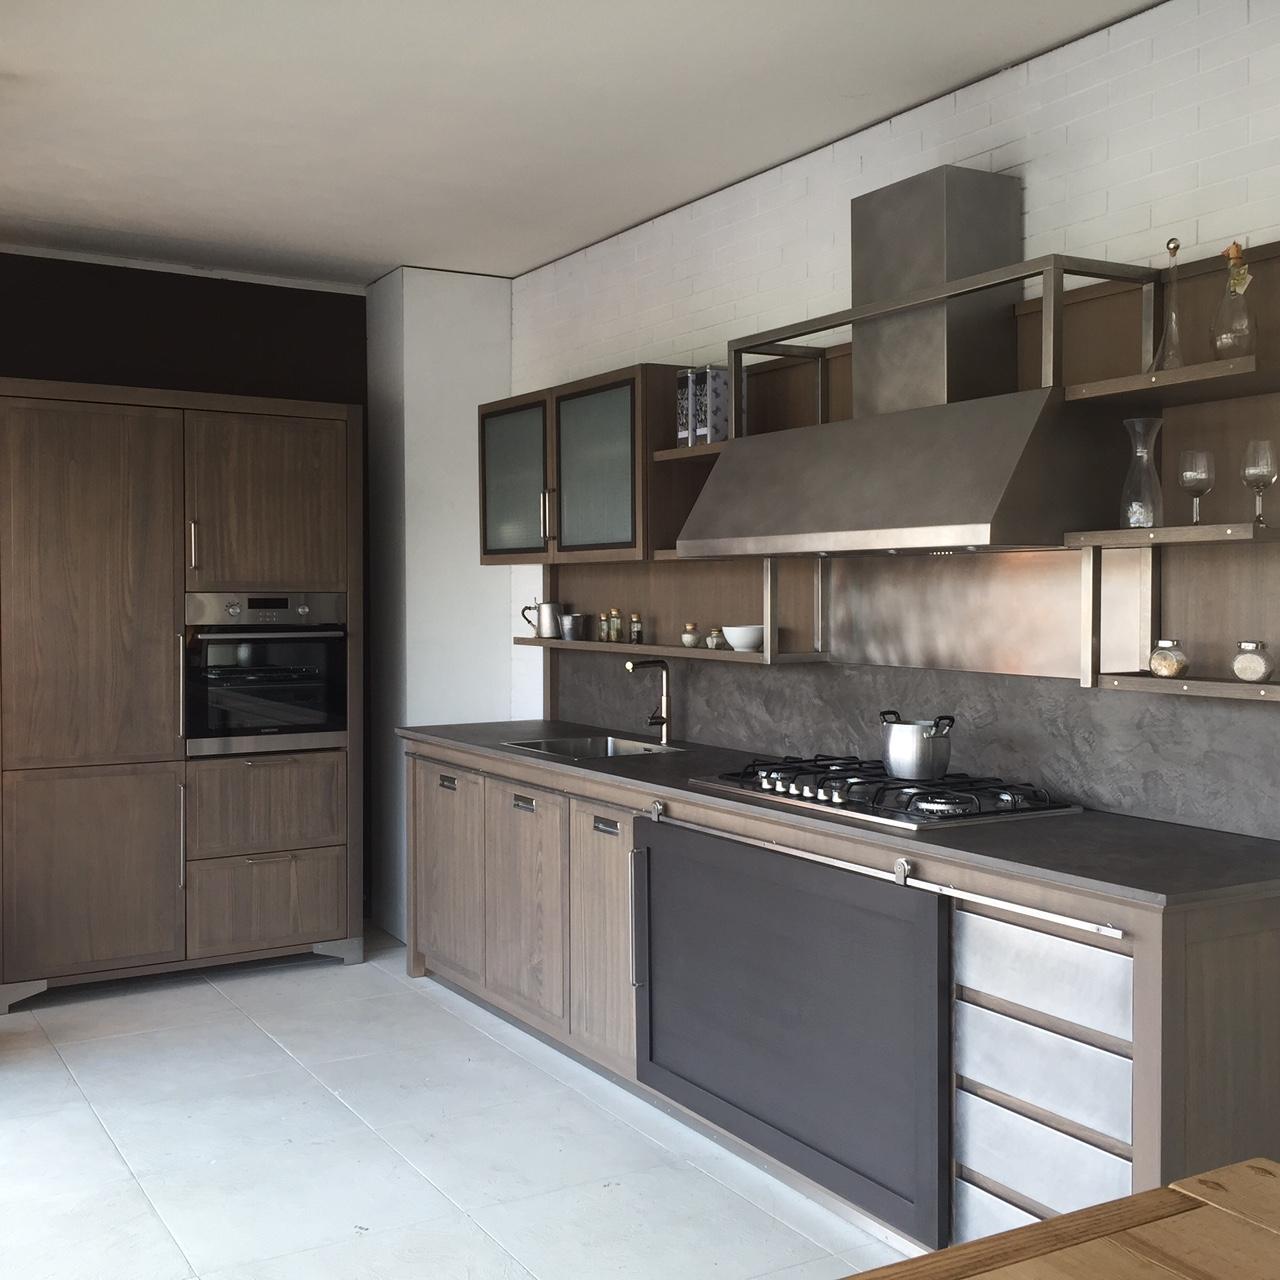 Cucine industriali prezzi top cucina moderna industrial for Cucine in stile